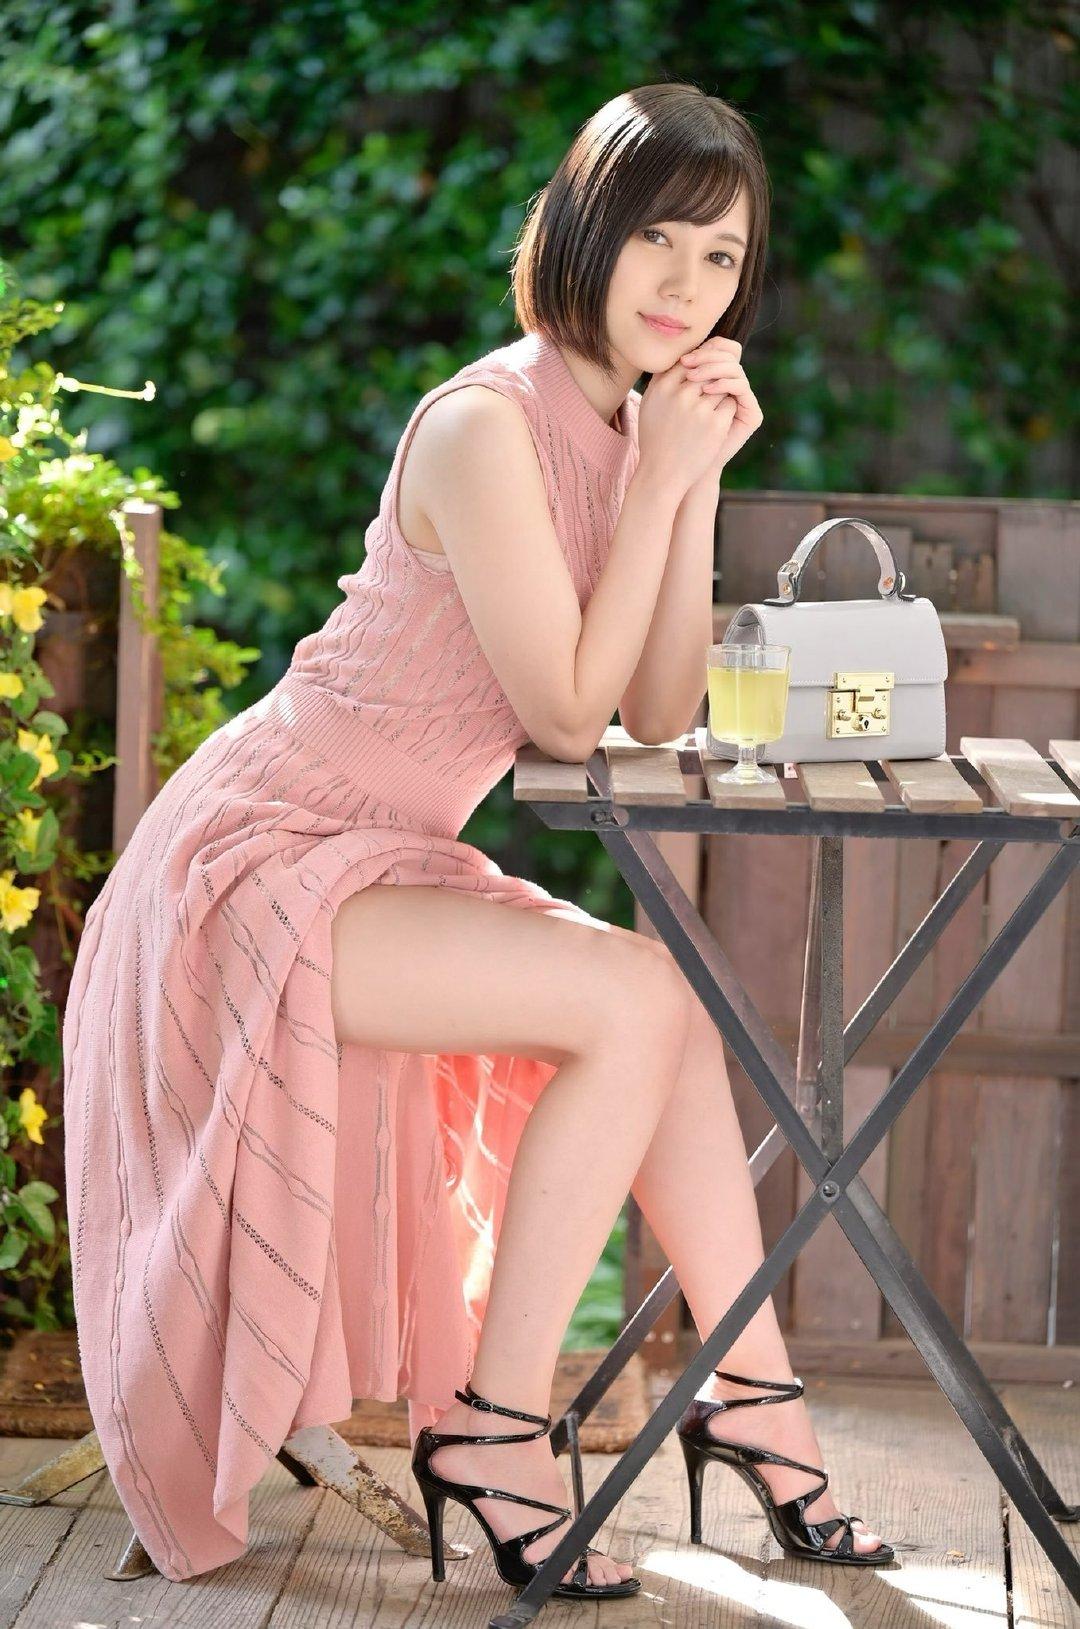 外围女什么意思,俗称脏模的外围脏蜜,又叫商务模特